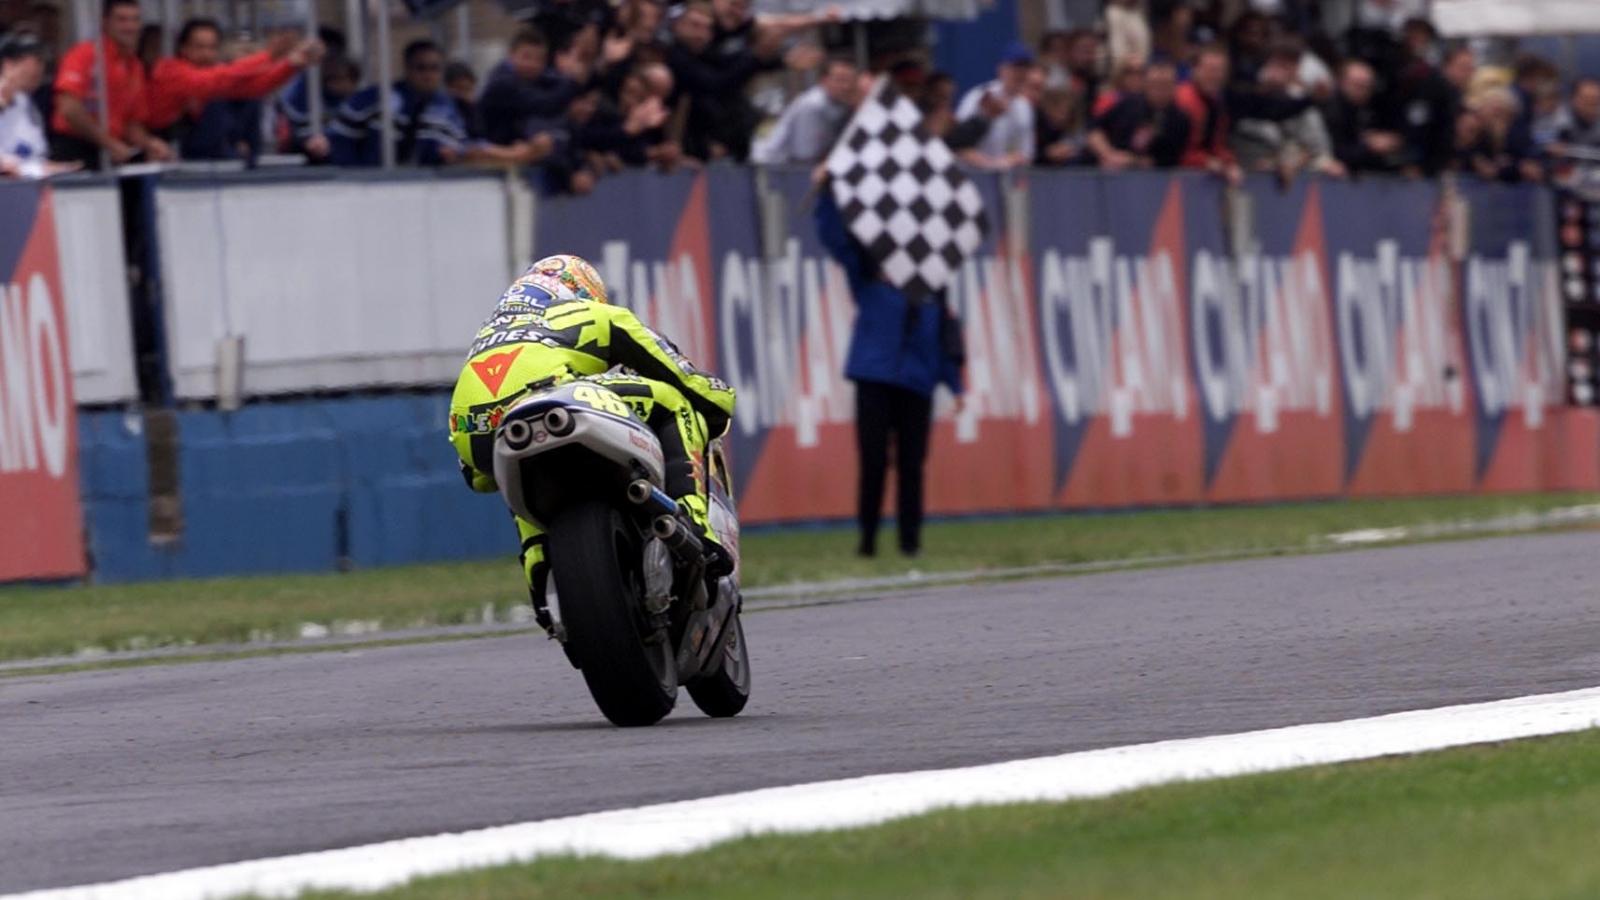 25 años Valentino Rossi: 2000 – Subcampeón 500cc – Honda NSR500 / Nastro Azzurro Honda